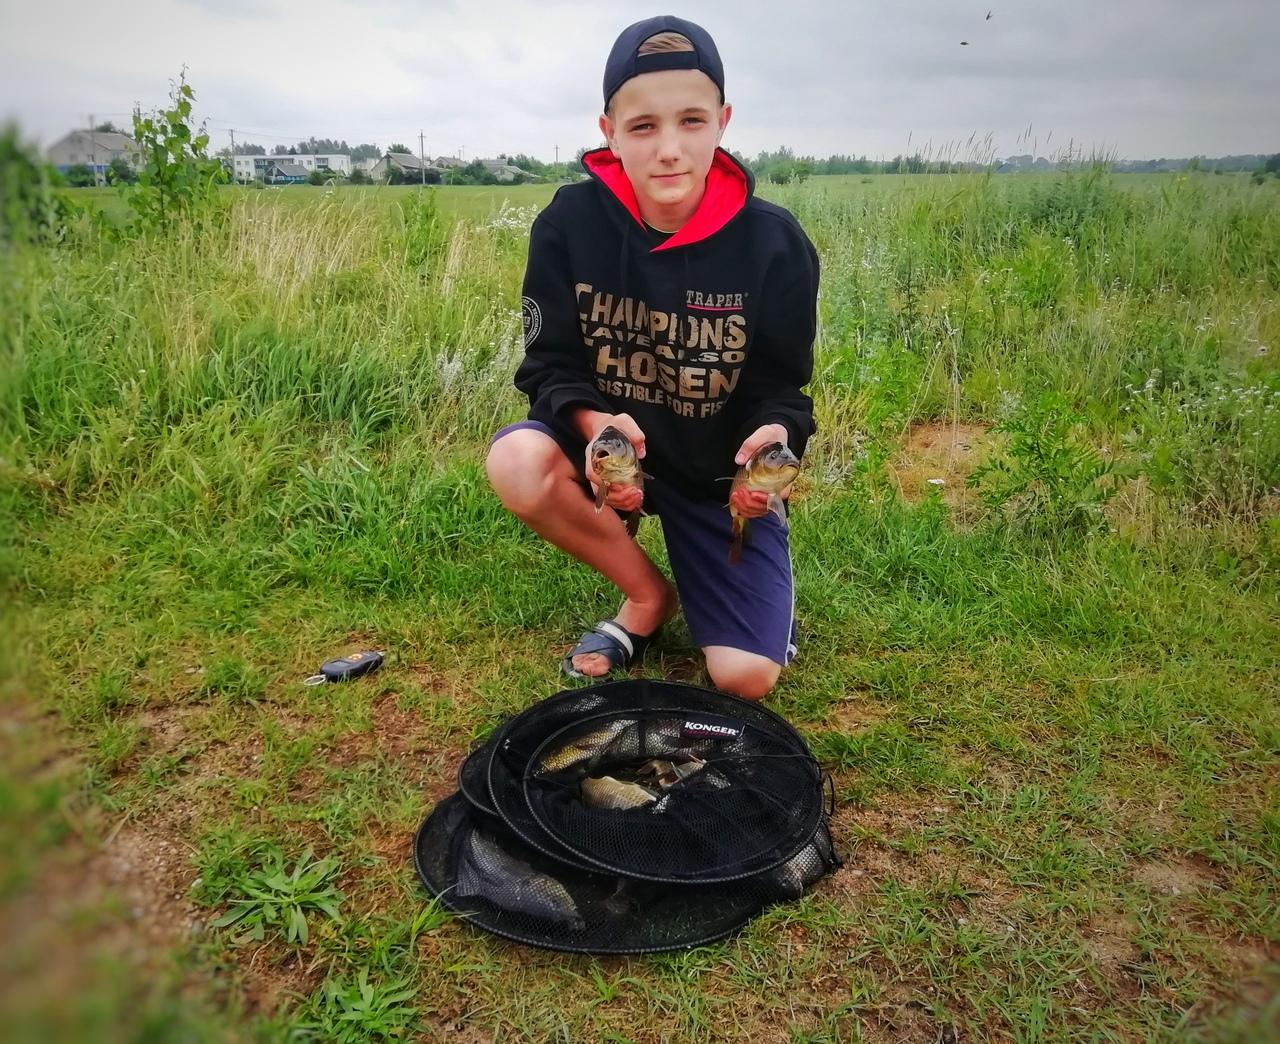 *Карповая миссия*Всем привет! Поднадоела мне лешчовая рыбалка и ... | Отчеты о рыбалке в Беларуси